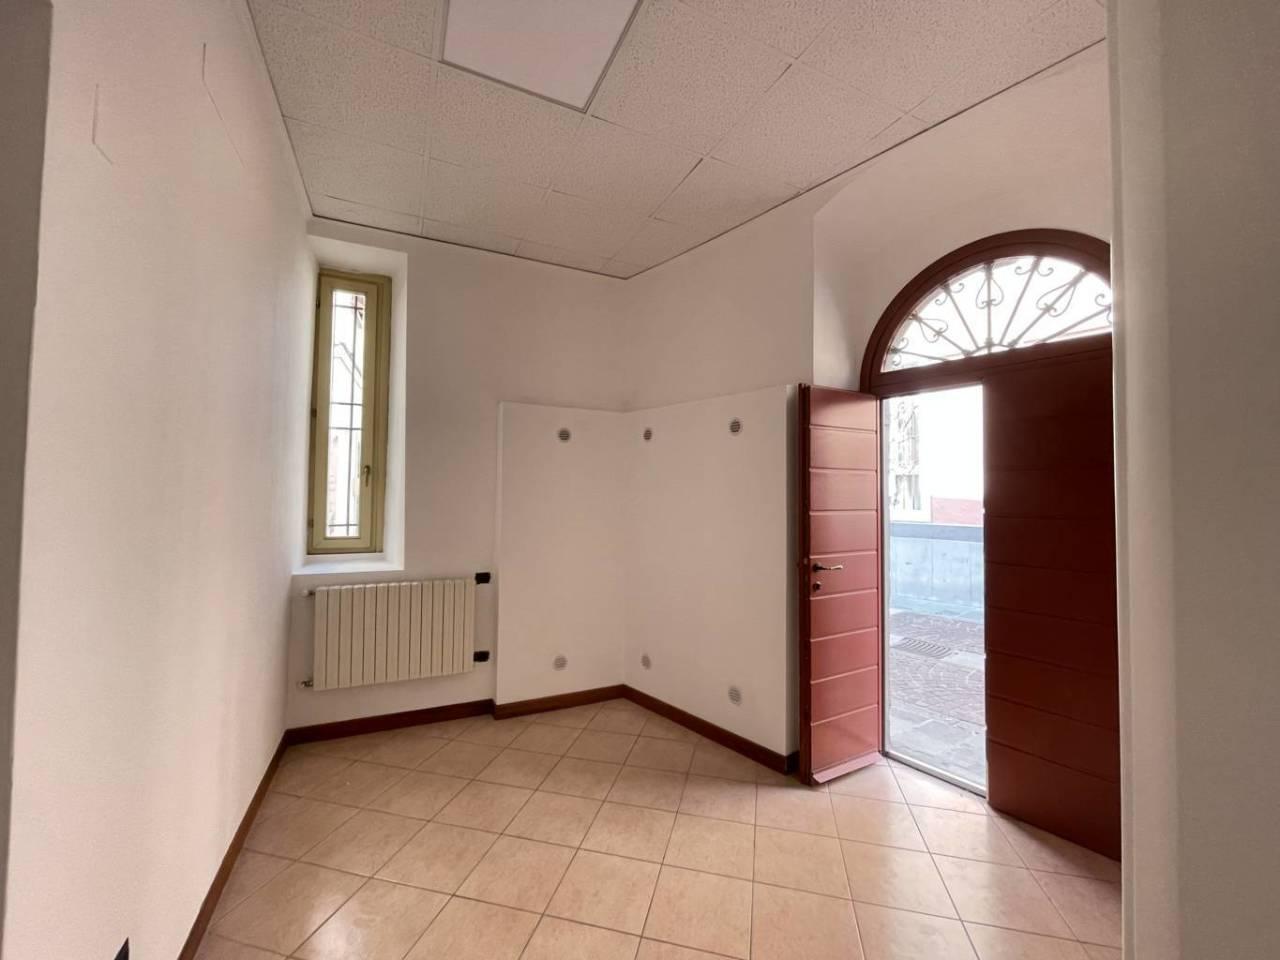 Ufficio / Studio in affitto a Chiari, 9999 locali, prezzo € 350   CambioCasa.it